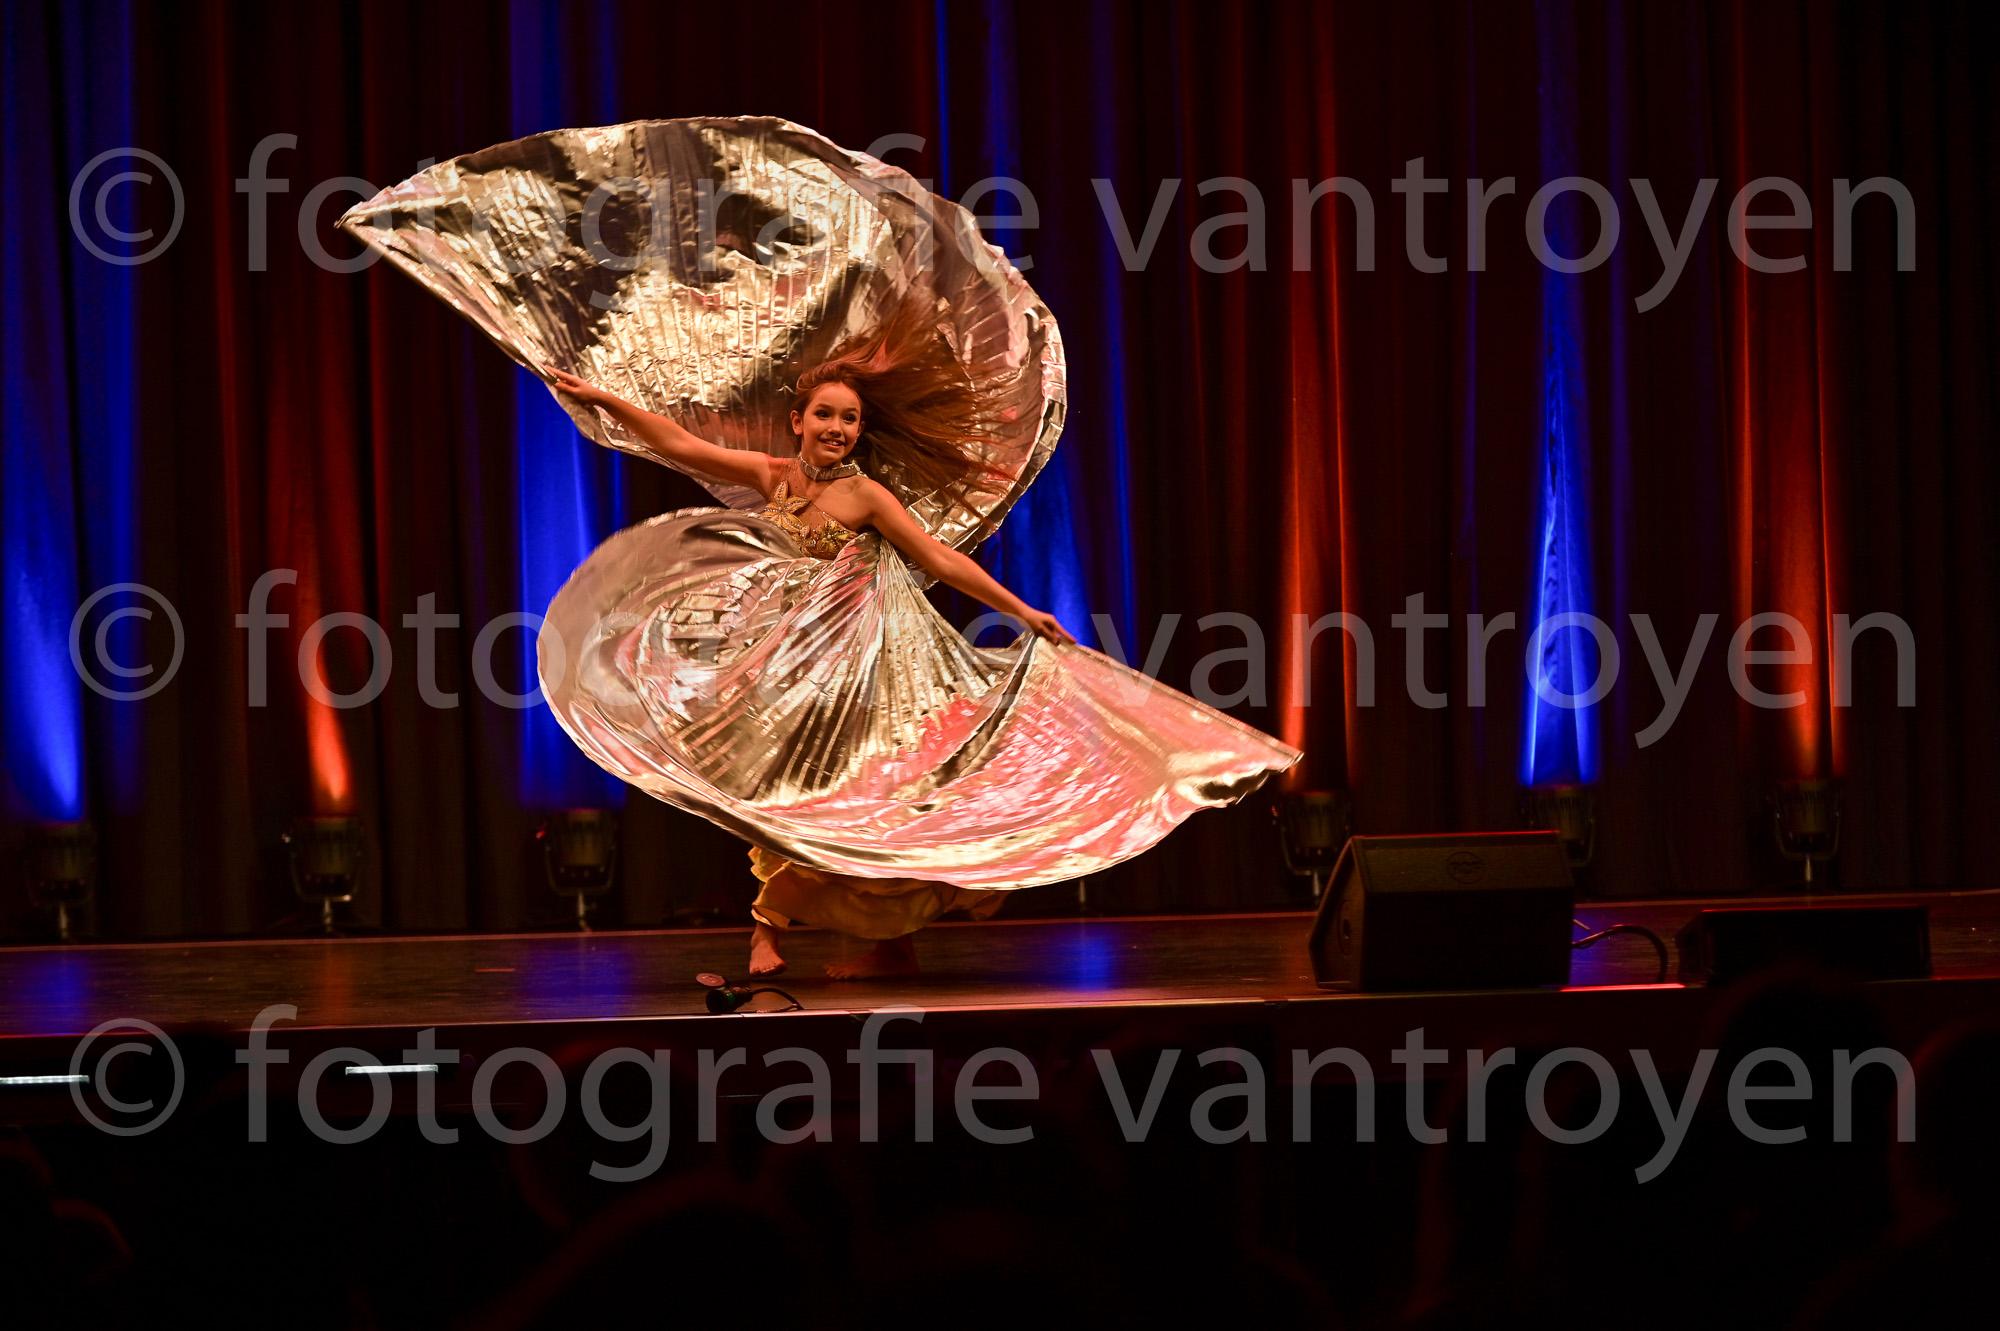 Eventfotos in Bonn, Tanzveranstaltung in Bonn, Tanzen, Event